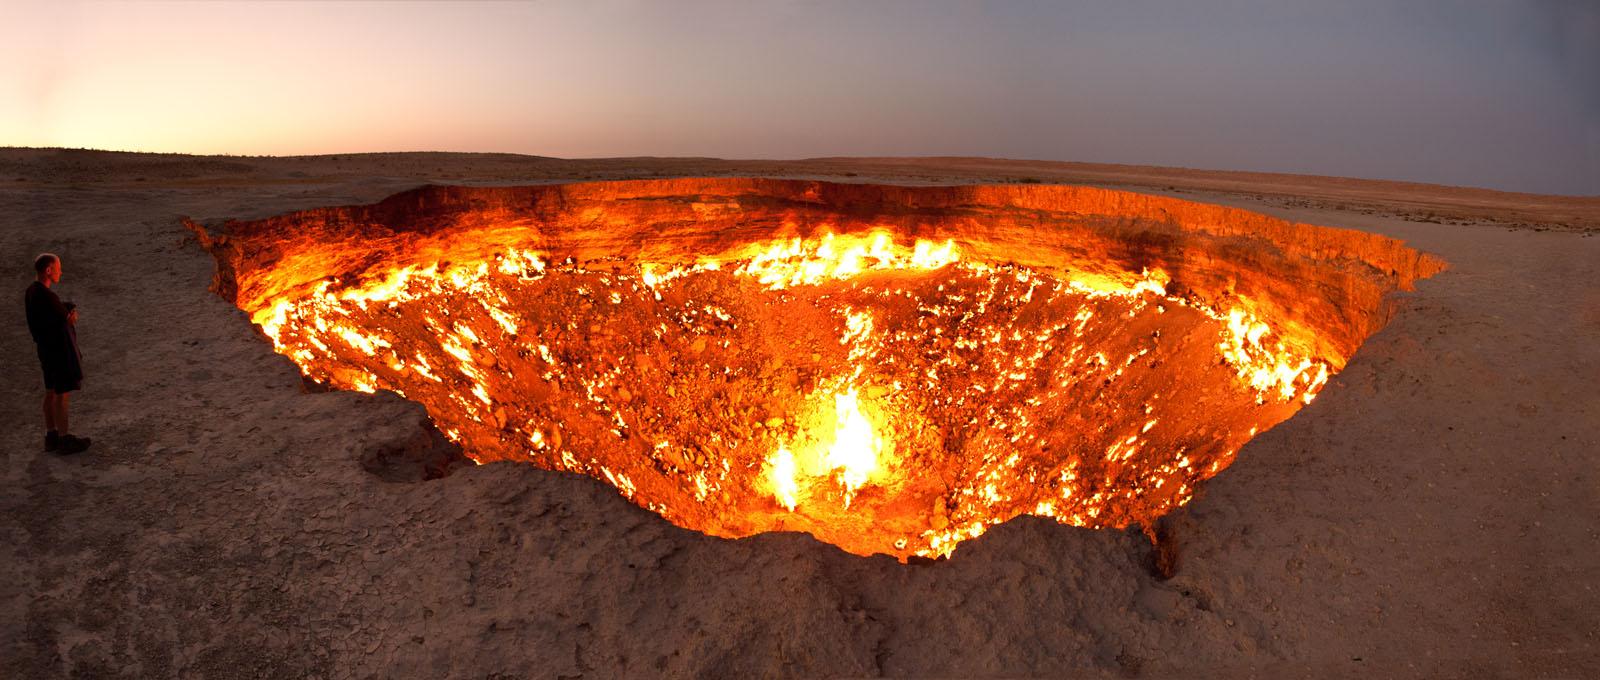 darvaza_krater